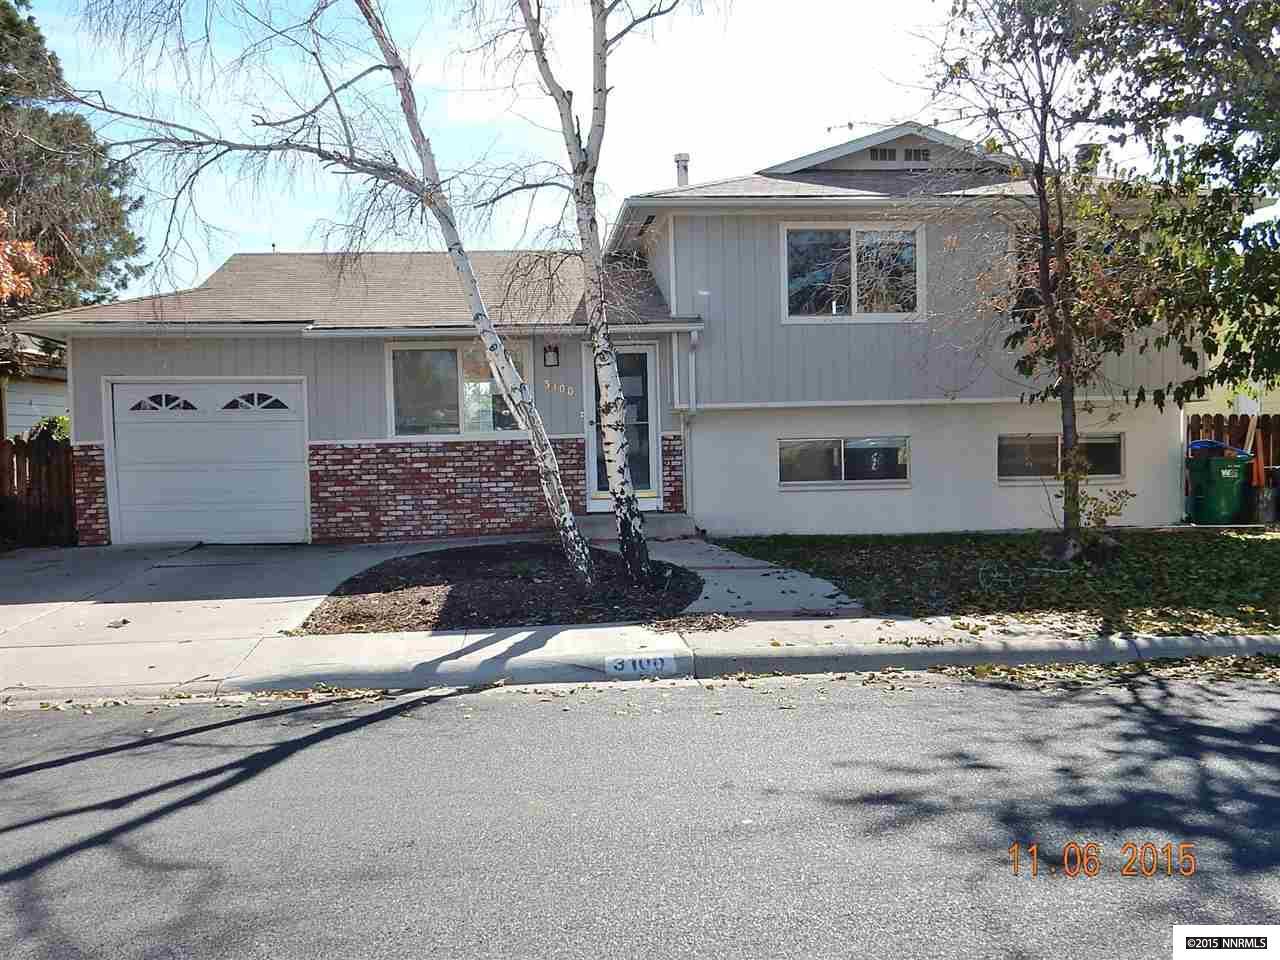 3100 Slater Ave, Reno, NV